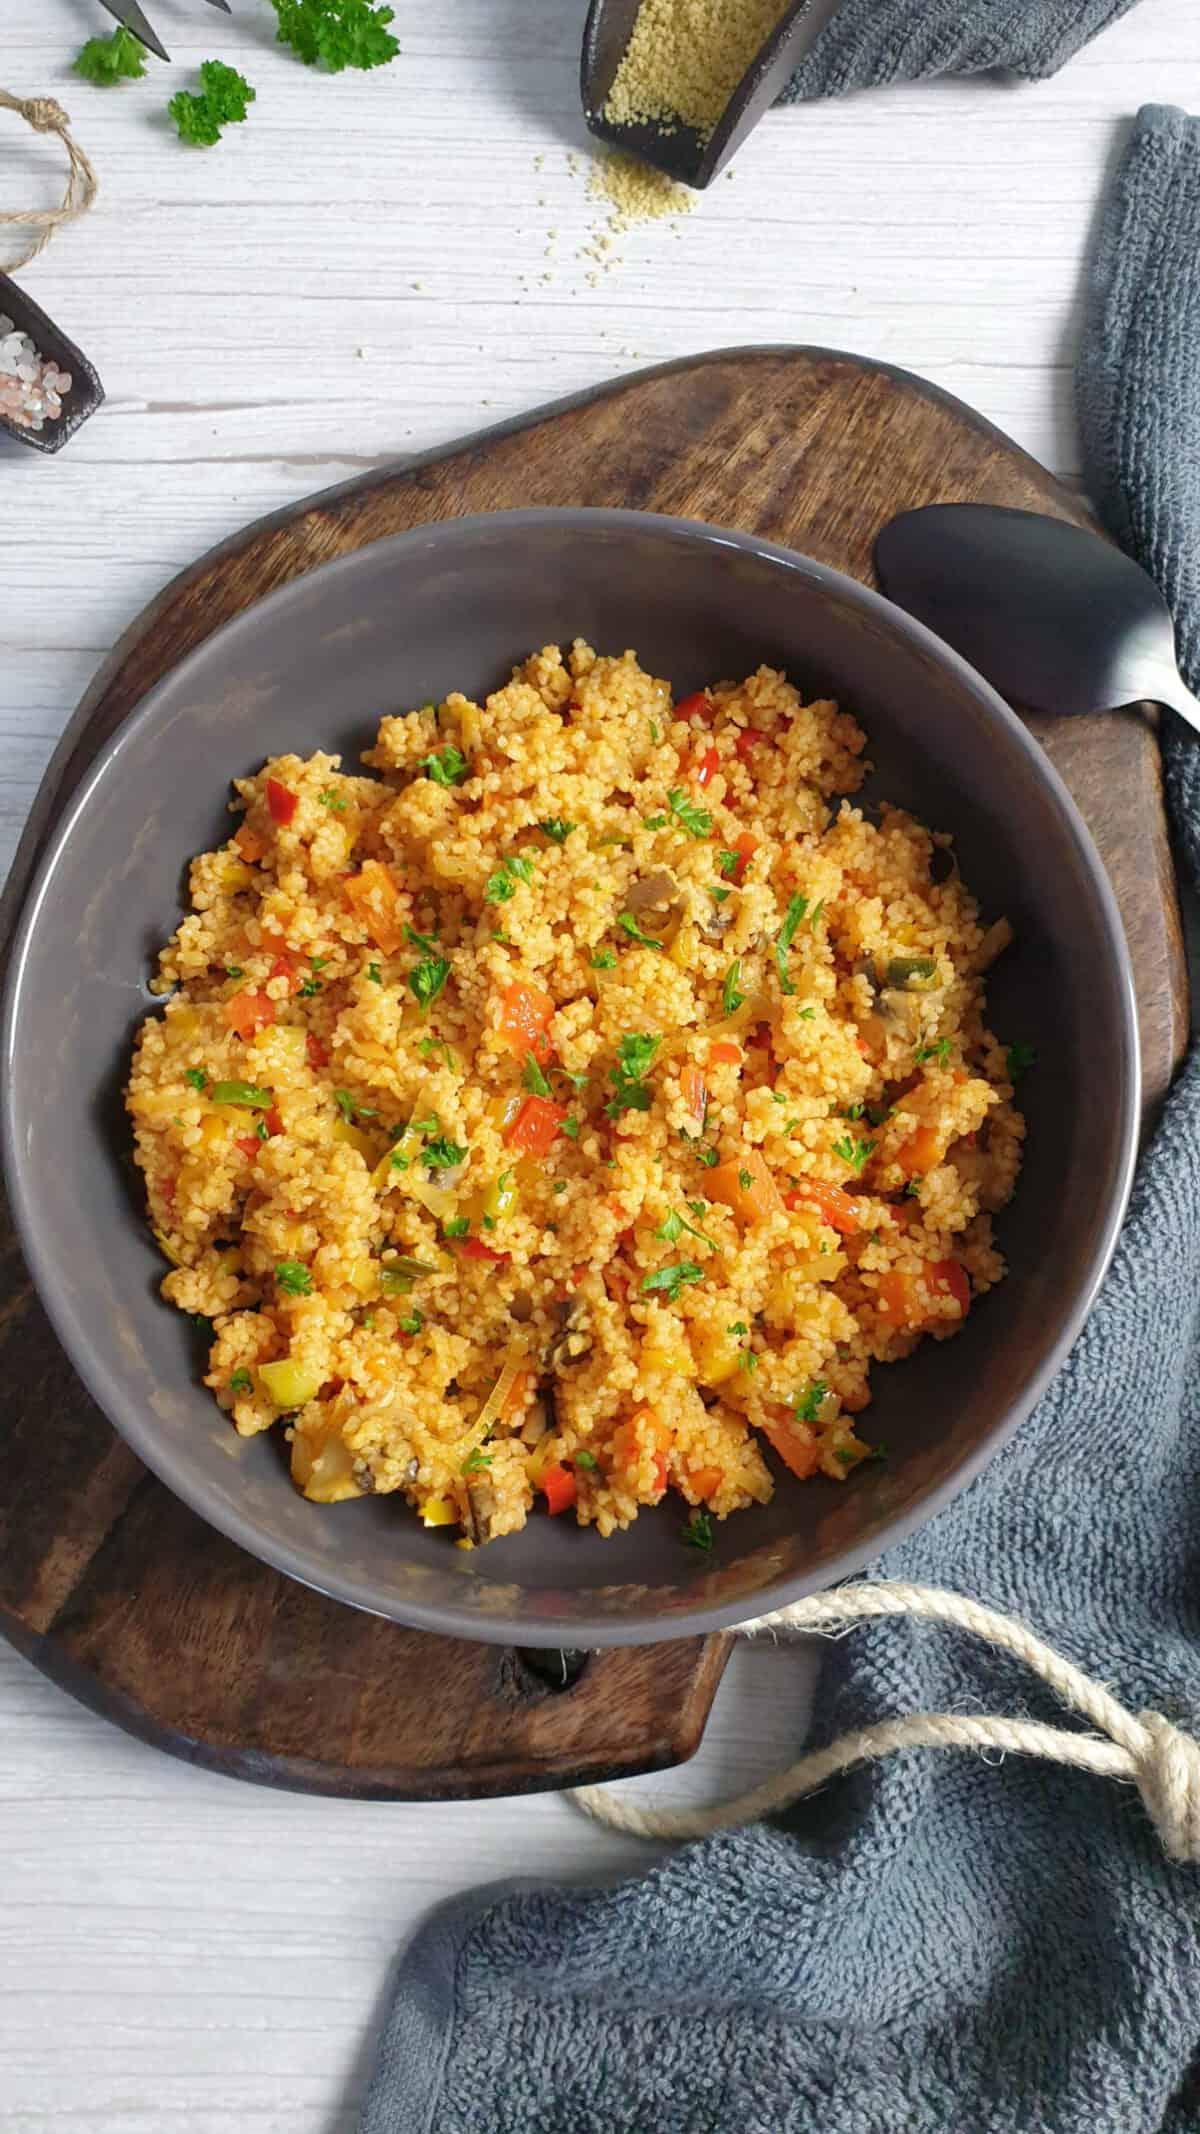 In einer grauen Schale angerichtet Couscous Gemüse Pfanne mit Petersilie bestreut. Im Hintergrund Deko.